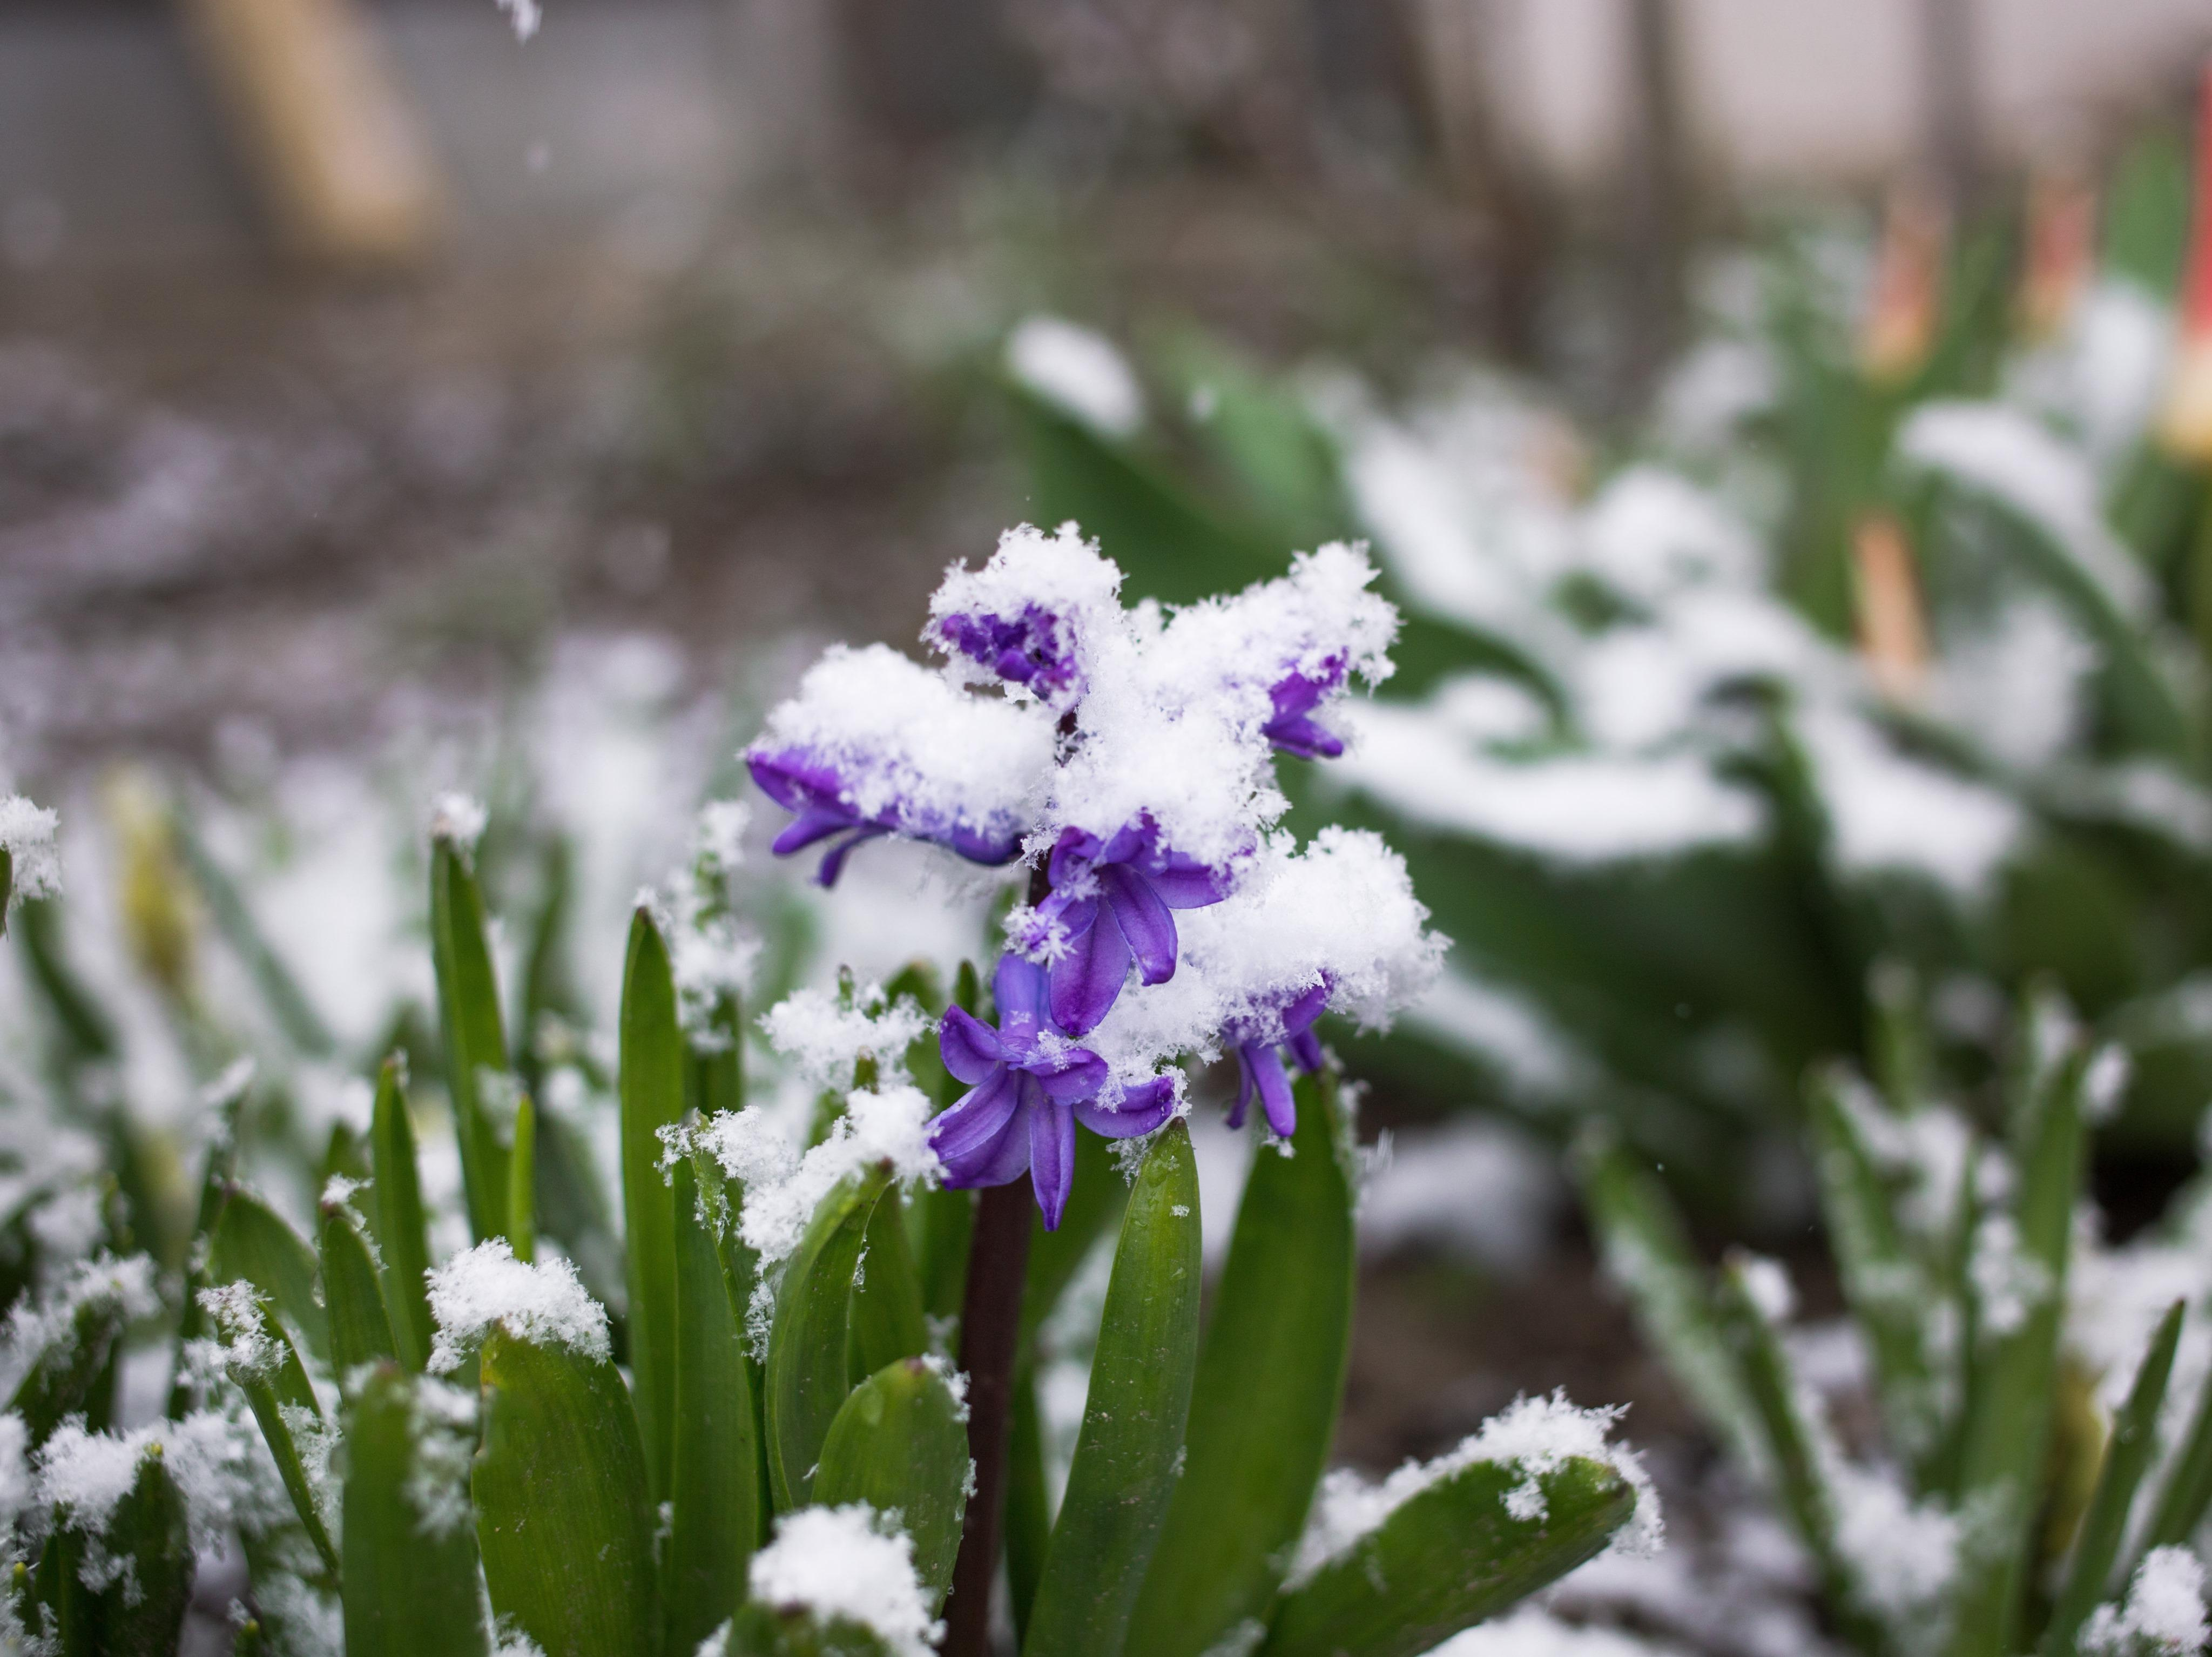 Cum va fi vremea de Paște. Meteorologii au anunțat prognoza meteo pentru săptămâna sărbătorilor pascale și 1 mai